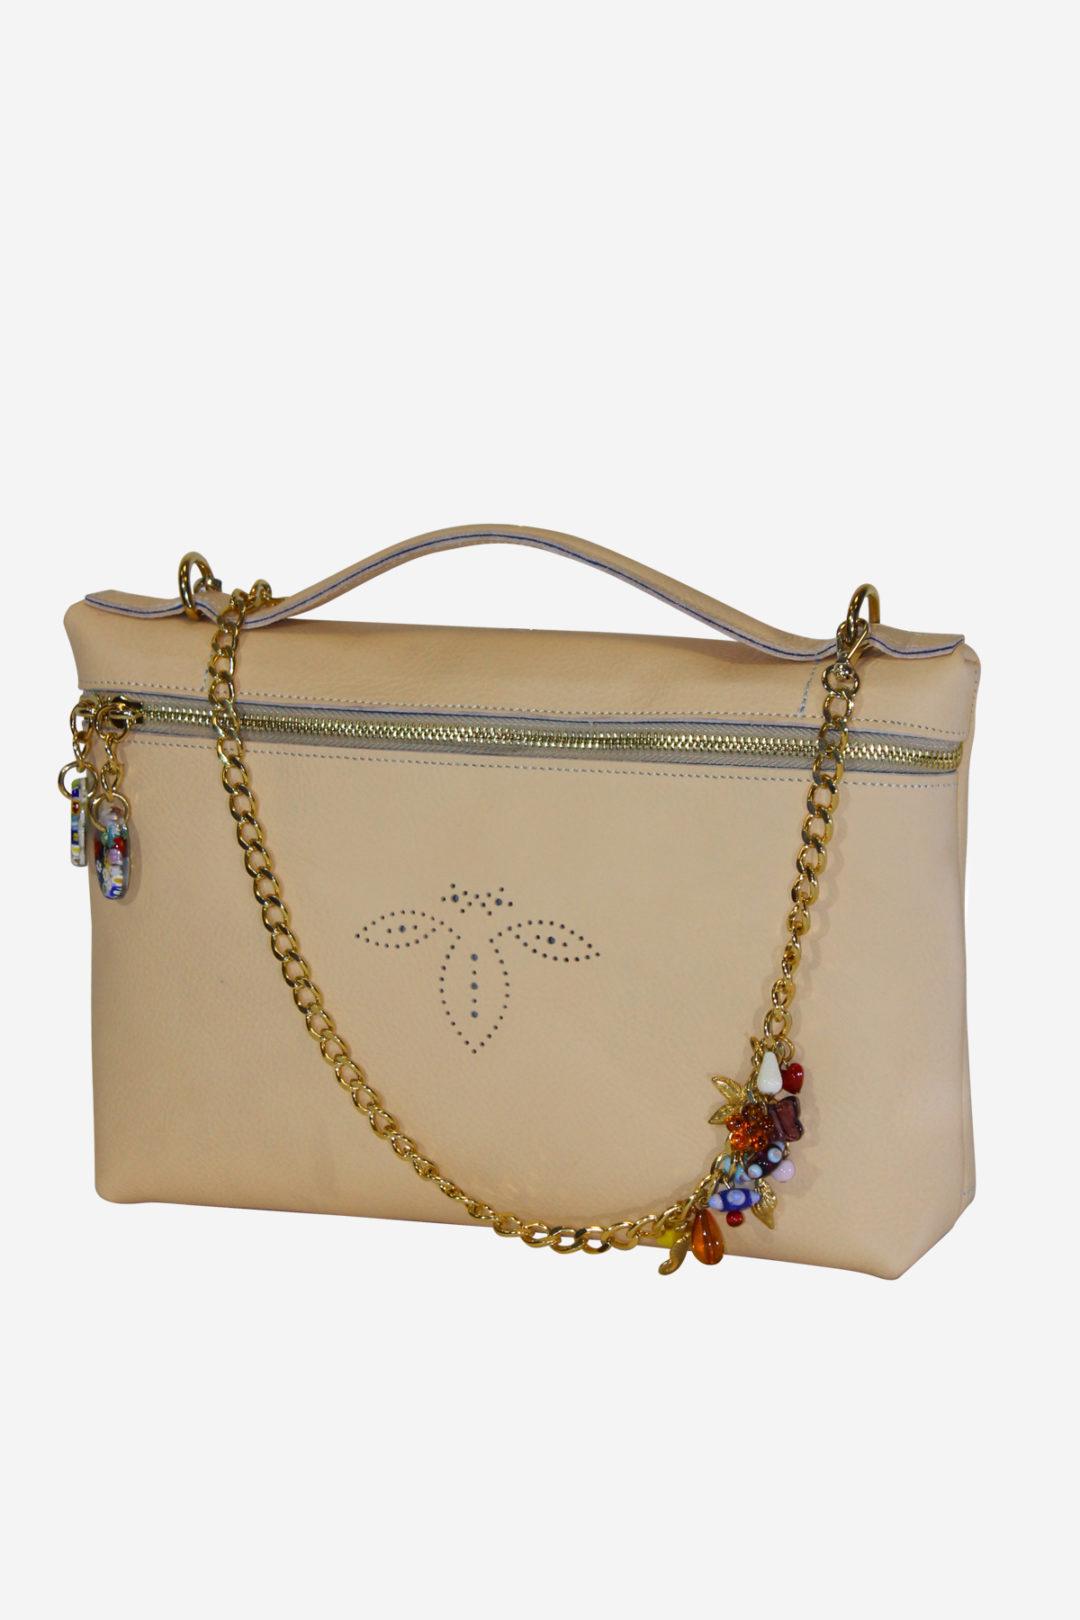 Precious Handbag